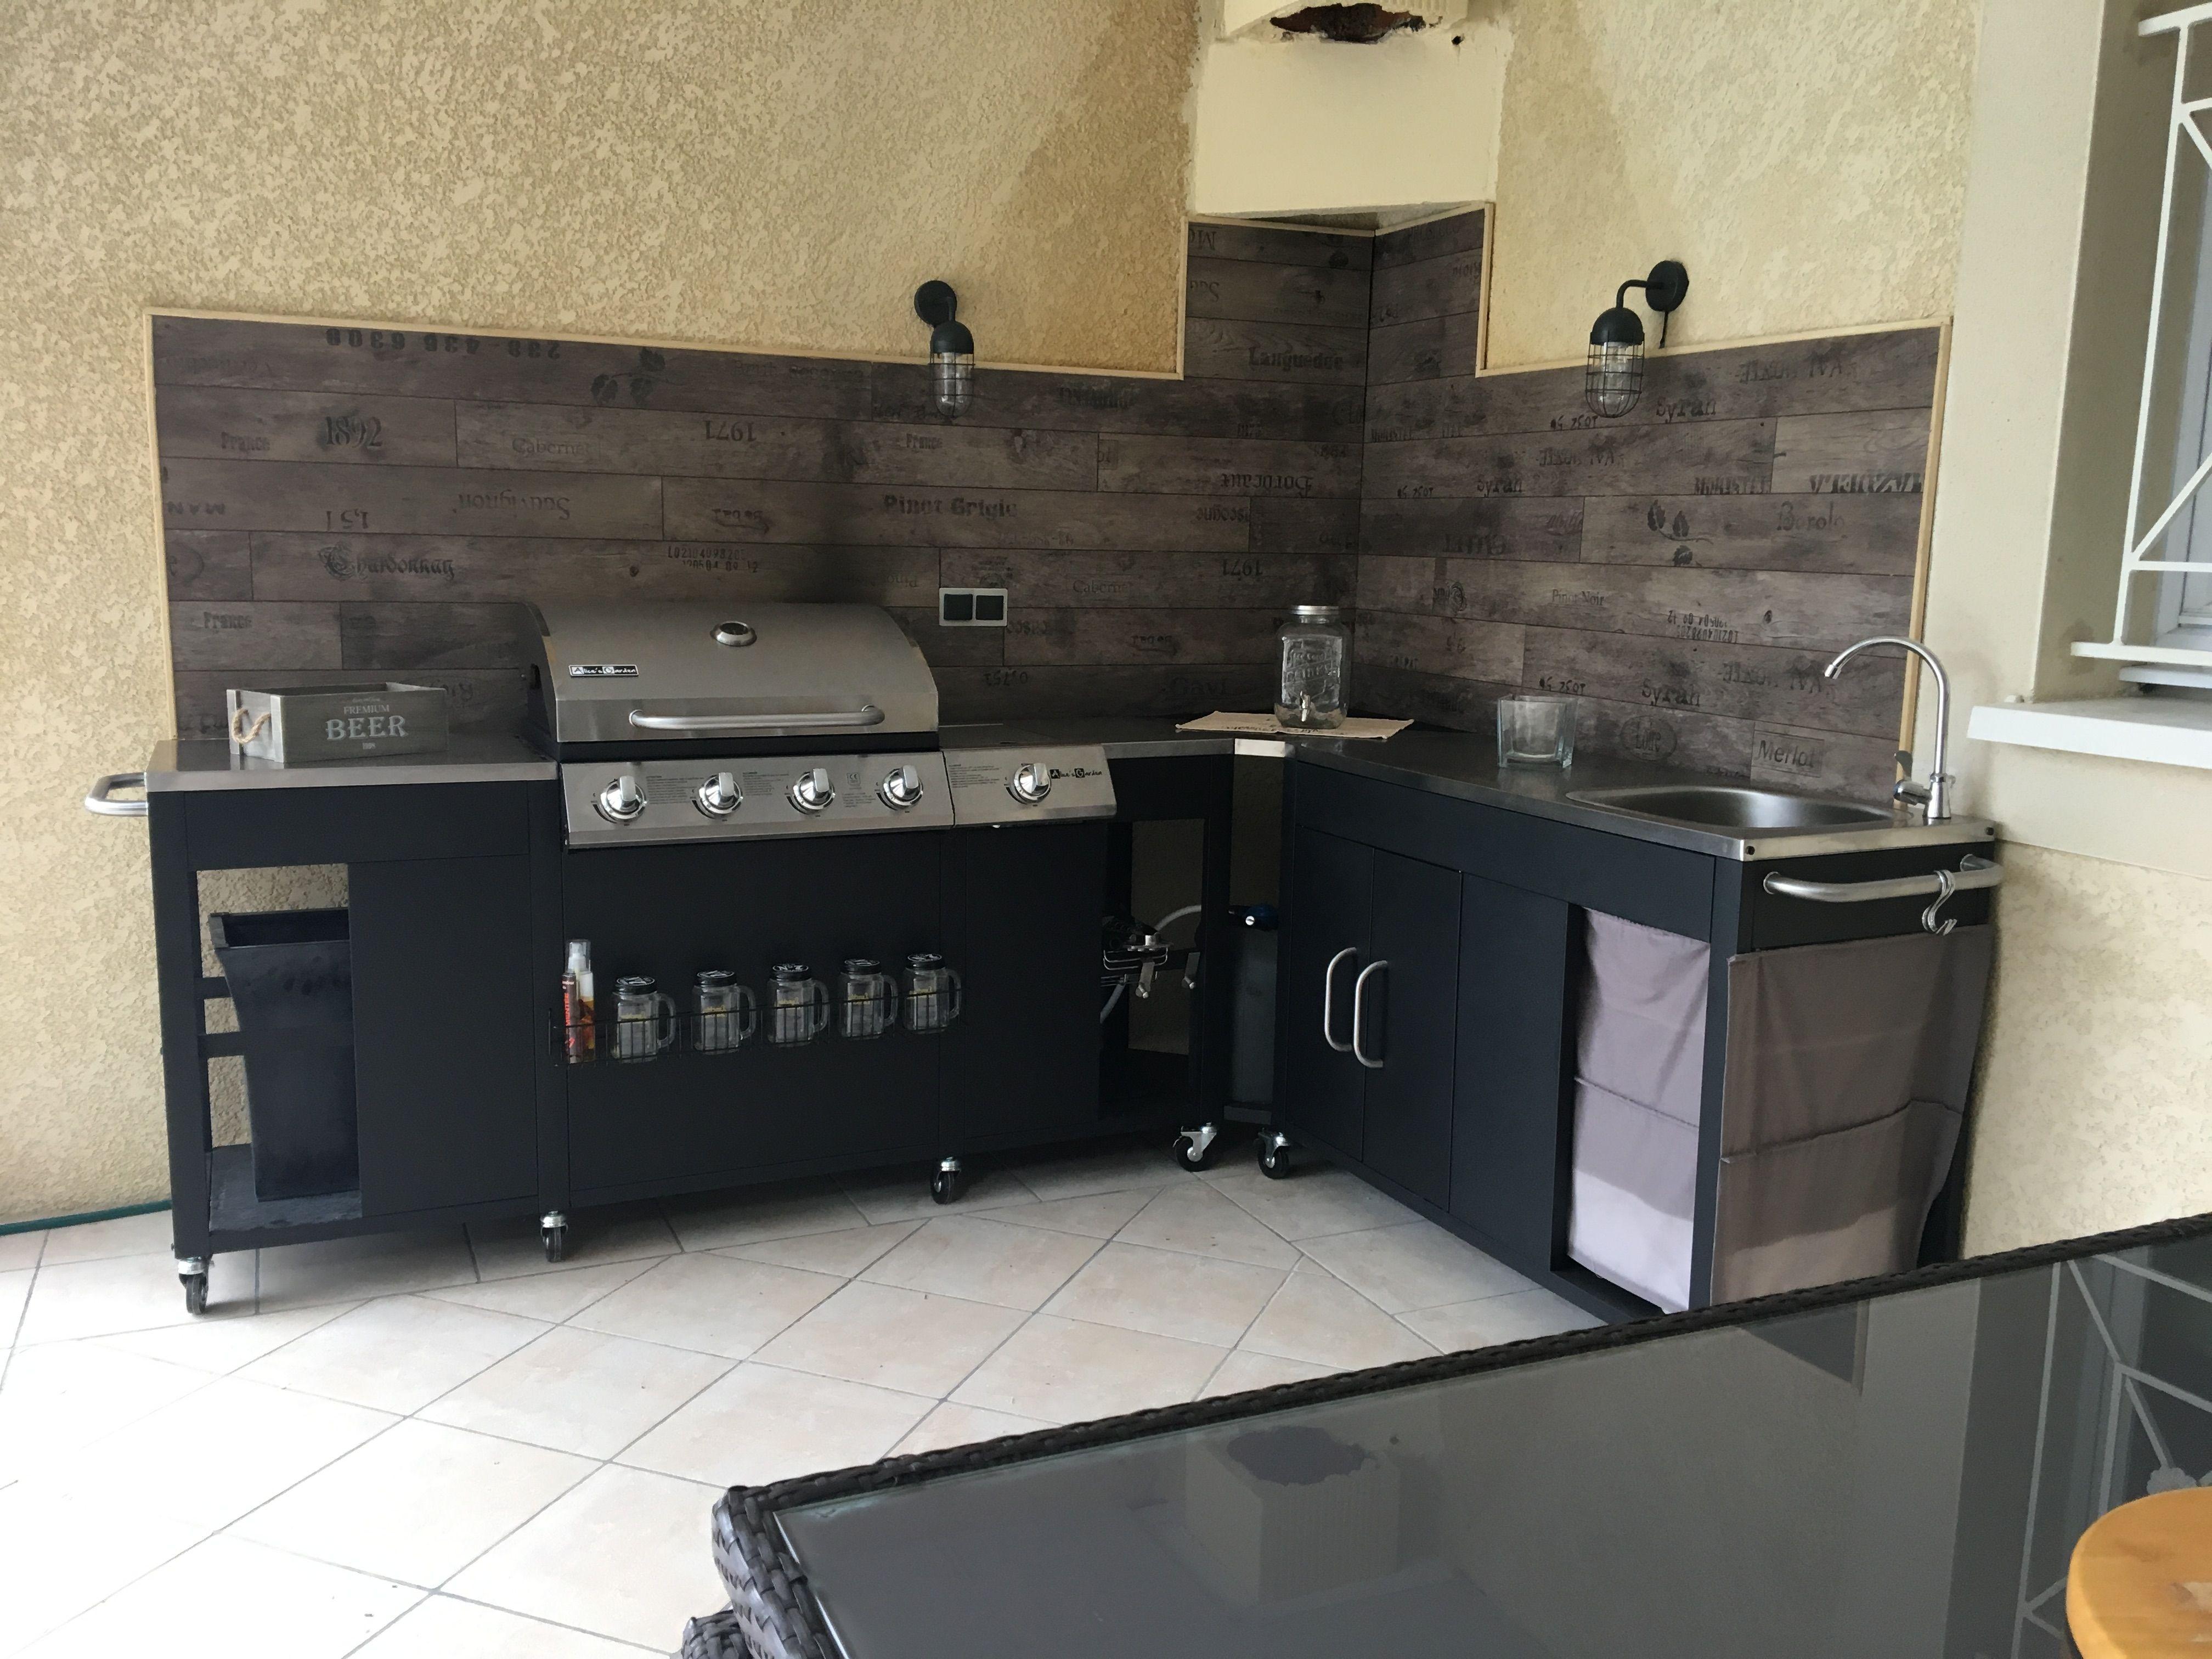 rochefort barbecue au gaz 5 br leurs avec vier planche. Black Bedroom Furniture Sets. Home Design Ideas